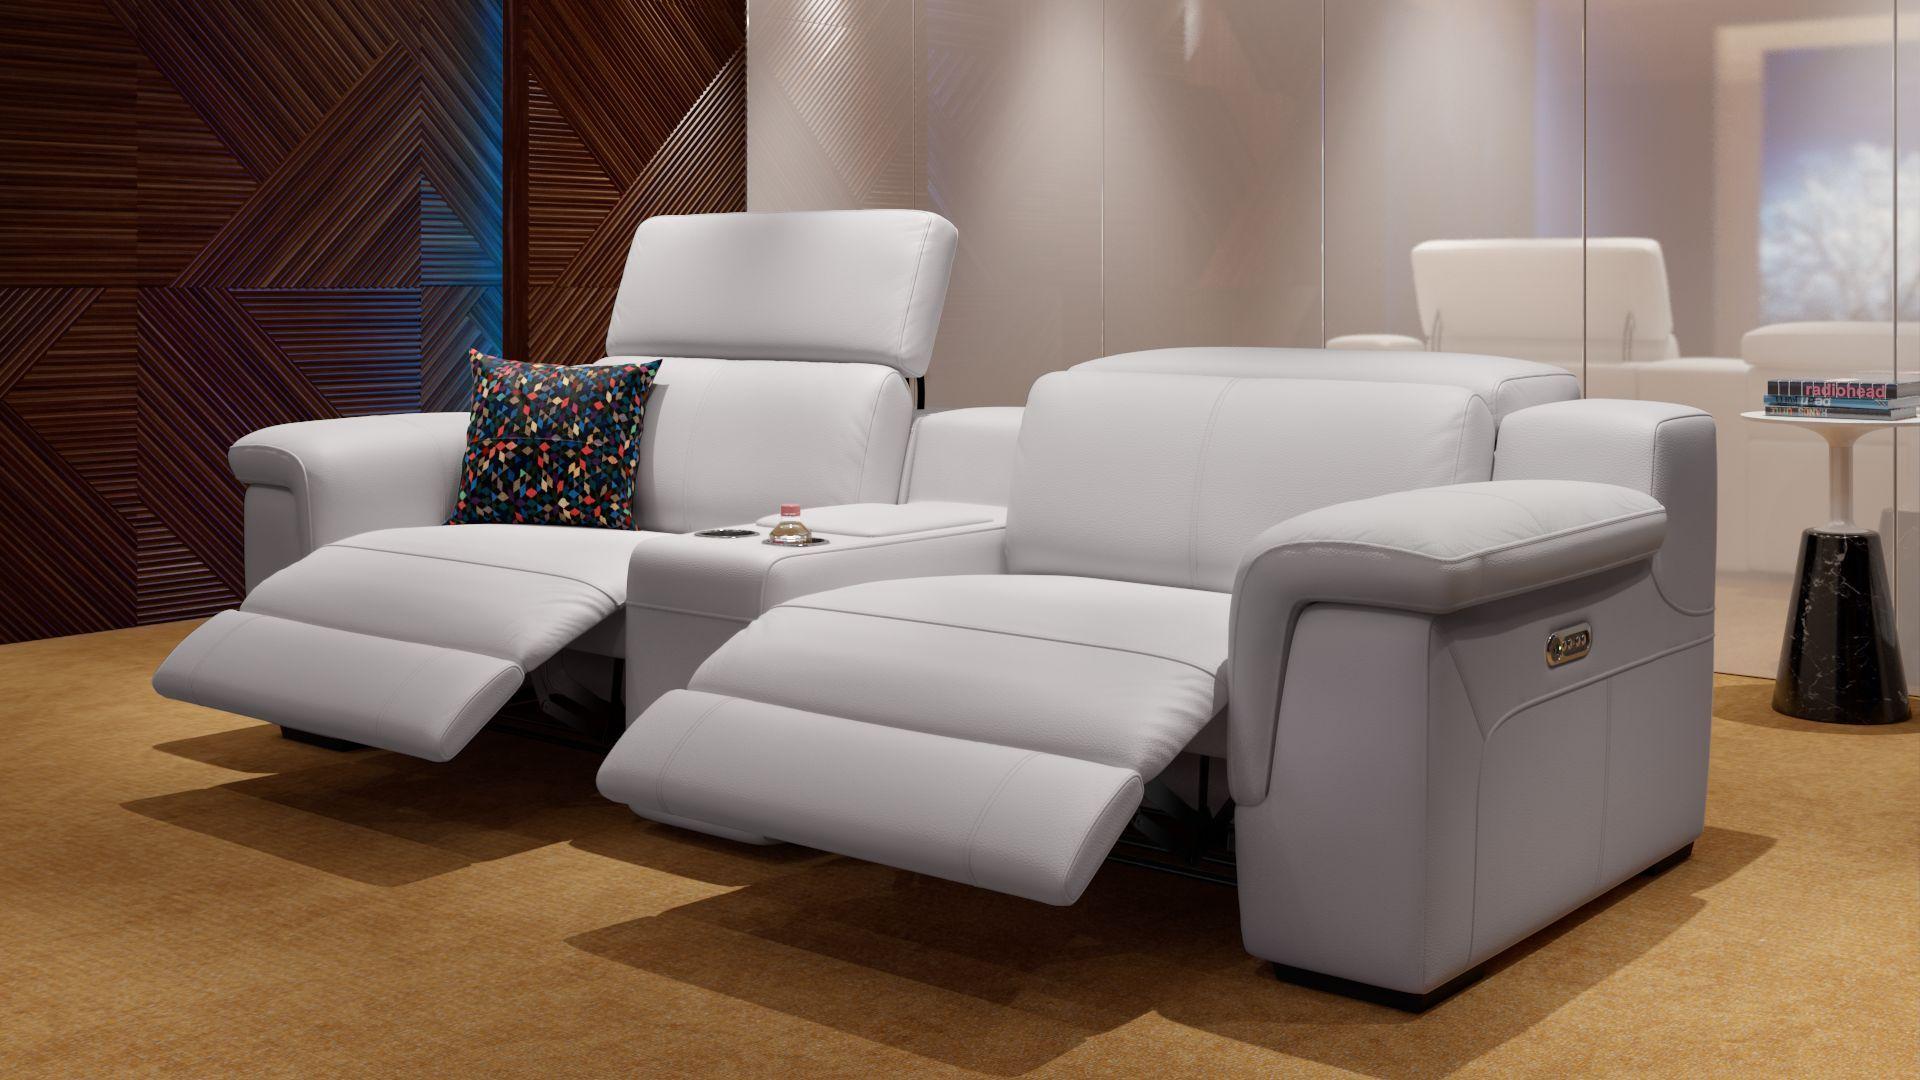 Details Elektrische Relaxfunktion Per Knopfdruck An Beiden Sitzen Elektrisch Getrennt Verstellbar Contemporary Interior Design Contemporary Interior Furniture